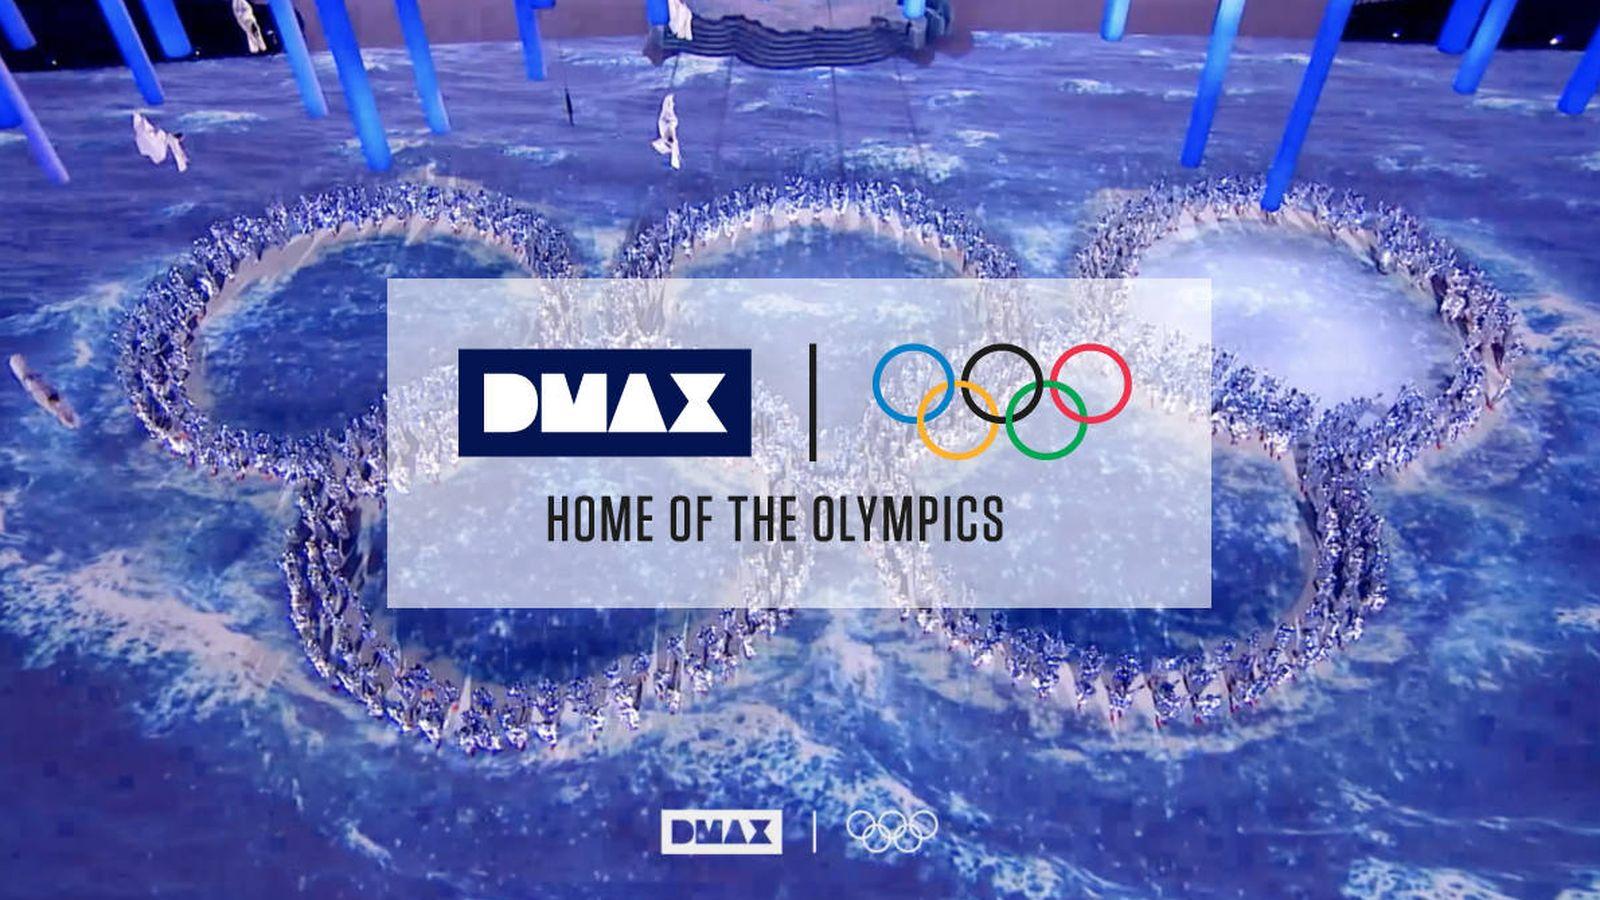 Foto: DMAX ofrecerá los eventos más importantes de los JJOO. (Imagen: EL CONFI TV)